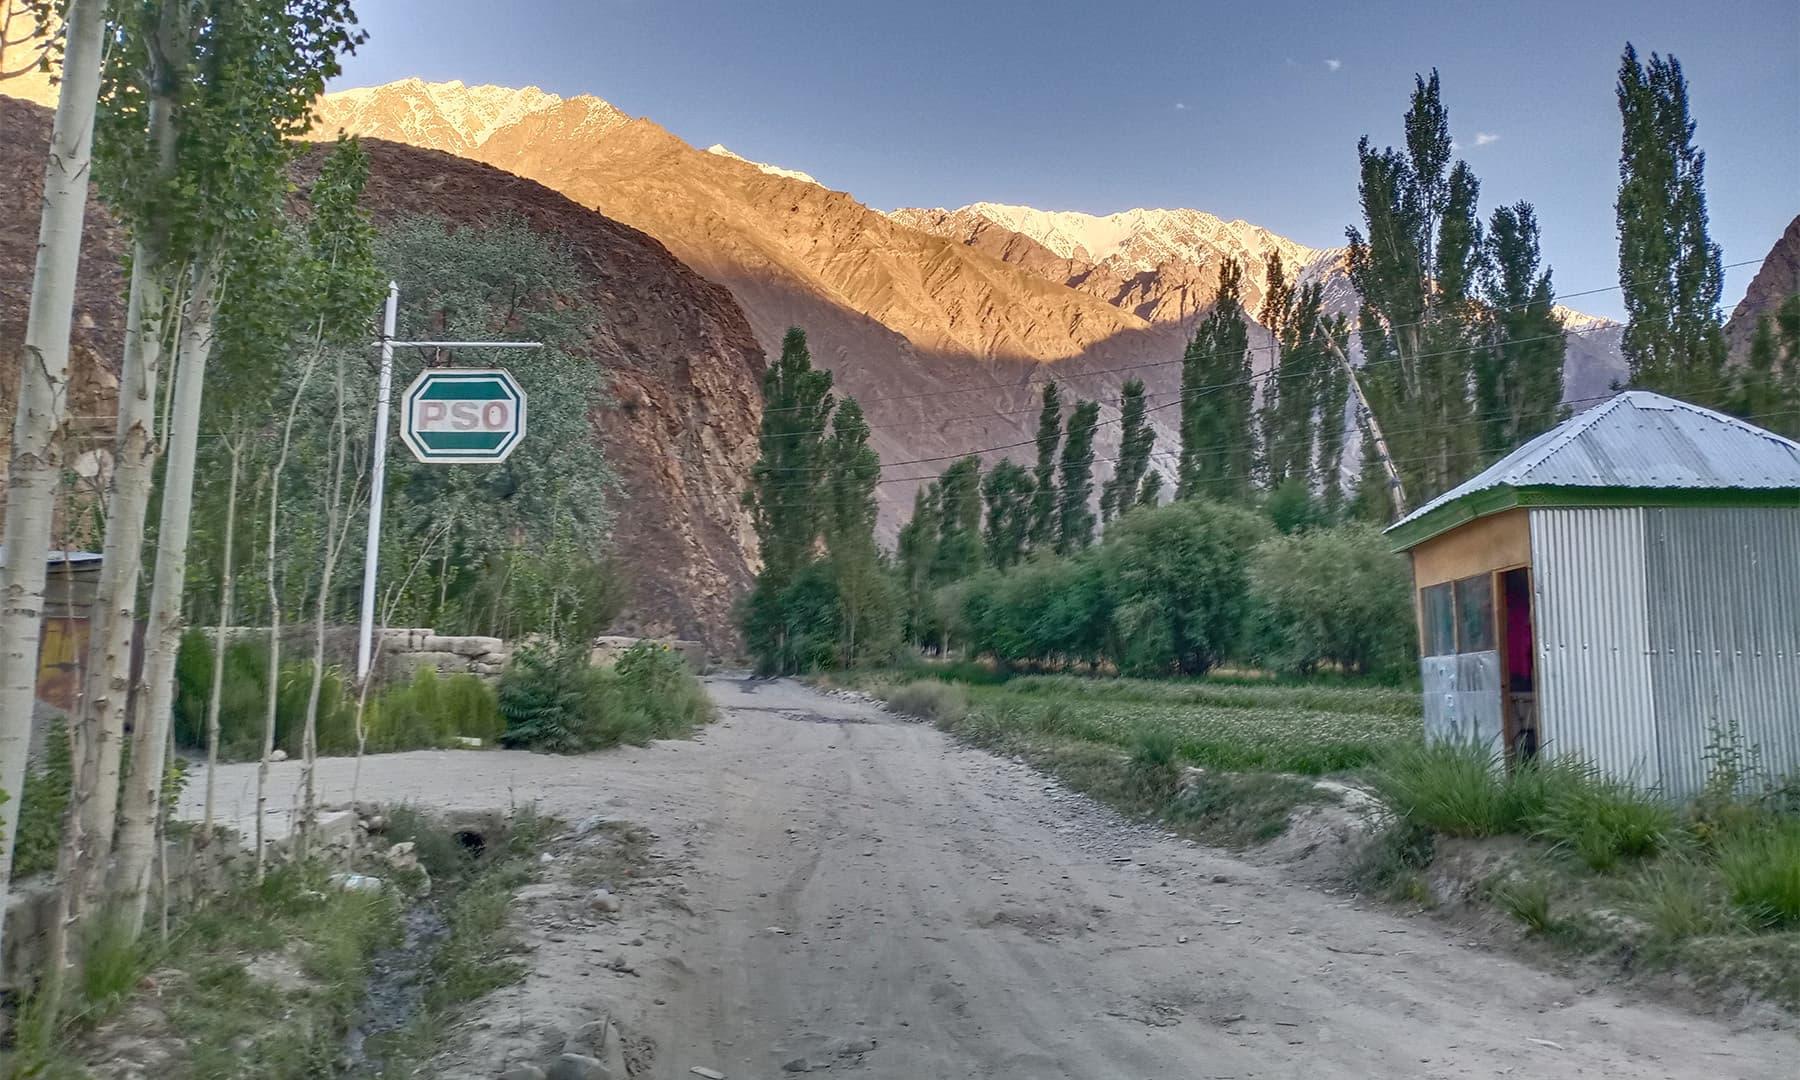 مستوج کا شہر شمالی چترال کا مرکز ہے